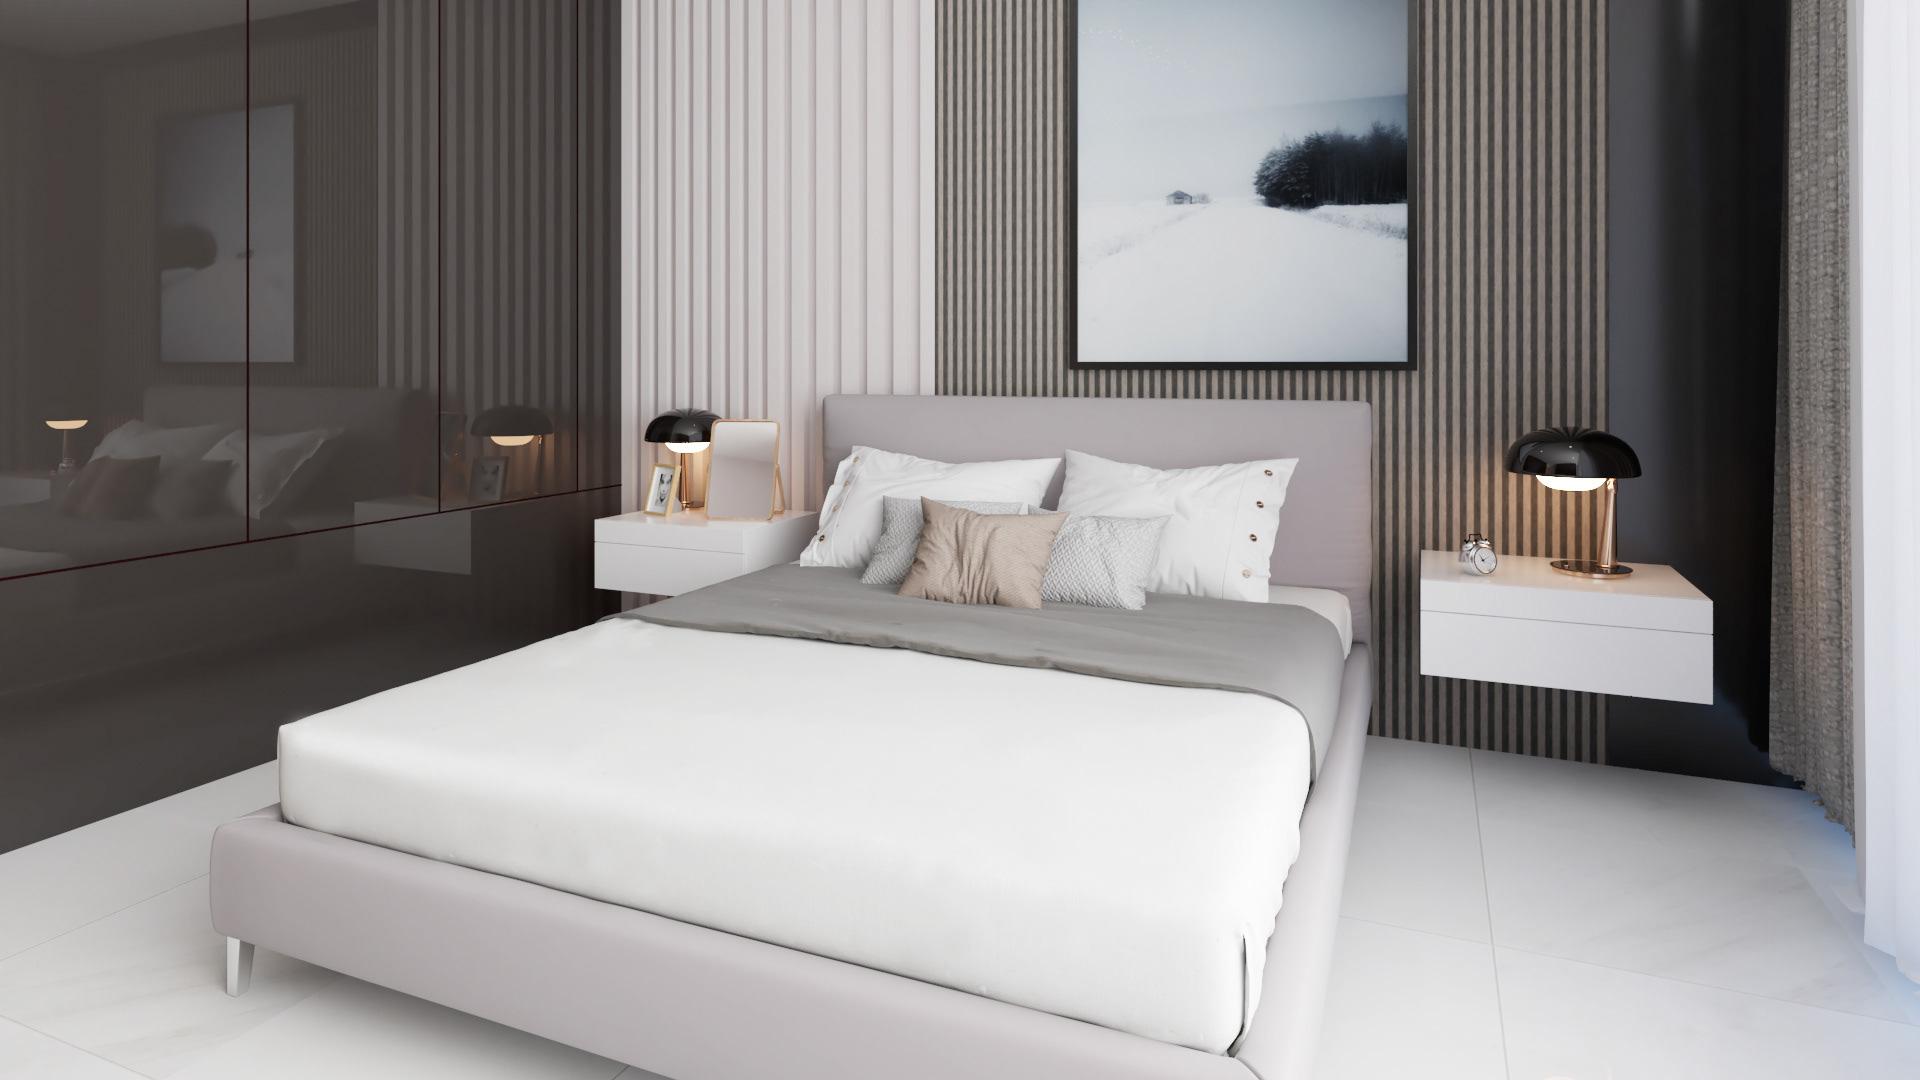 Tư vấn thiết kế căn hộ thô có diện tích 54m² với tổng chi phí 83 triệu đồng - Ảnh 6